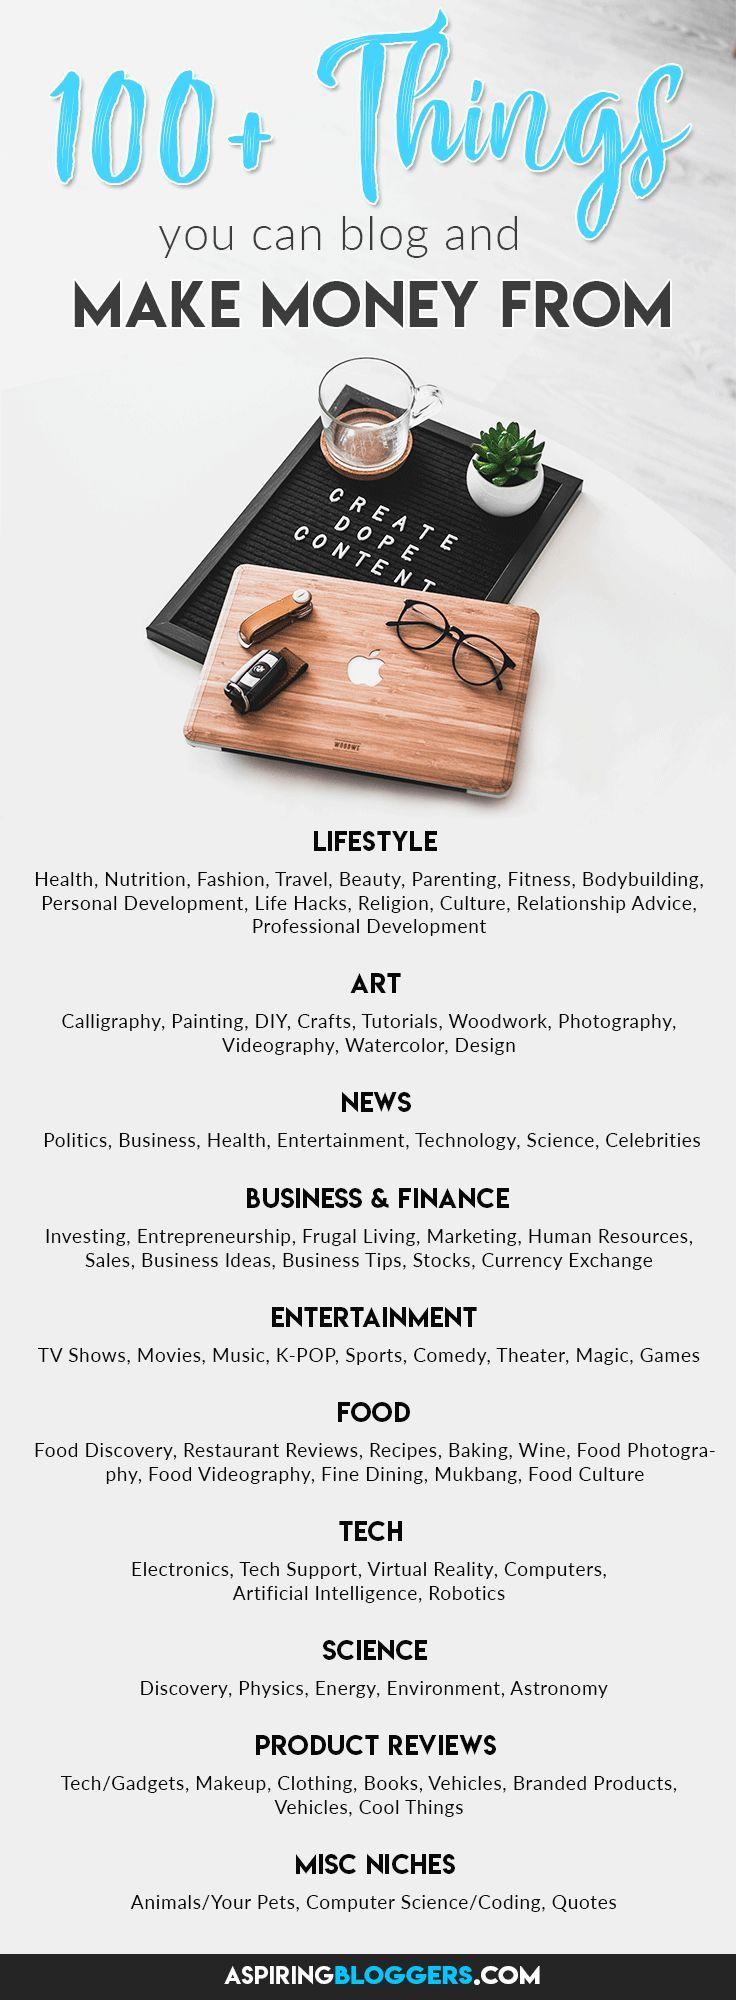 Über 100 Blog-Nischen und wie man damit Geld verdient   – Blog – #Blog #BlogNis… – Top Kreative Hobby-Ideen